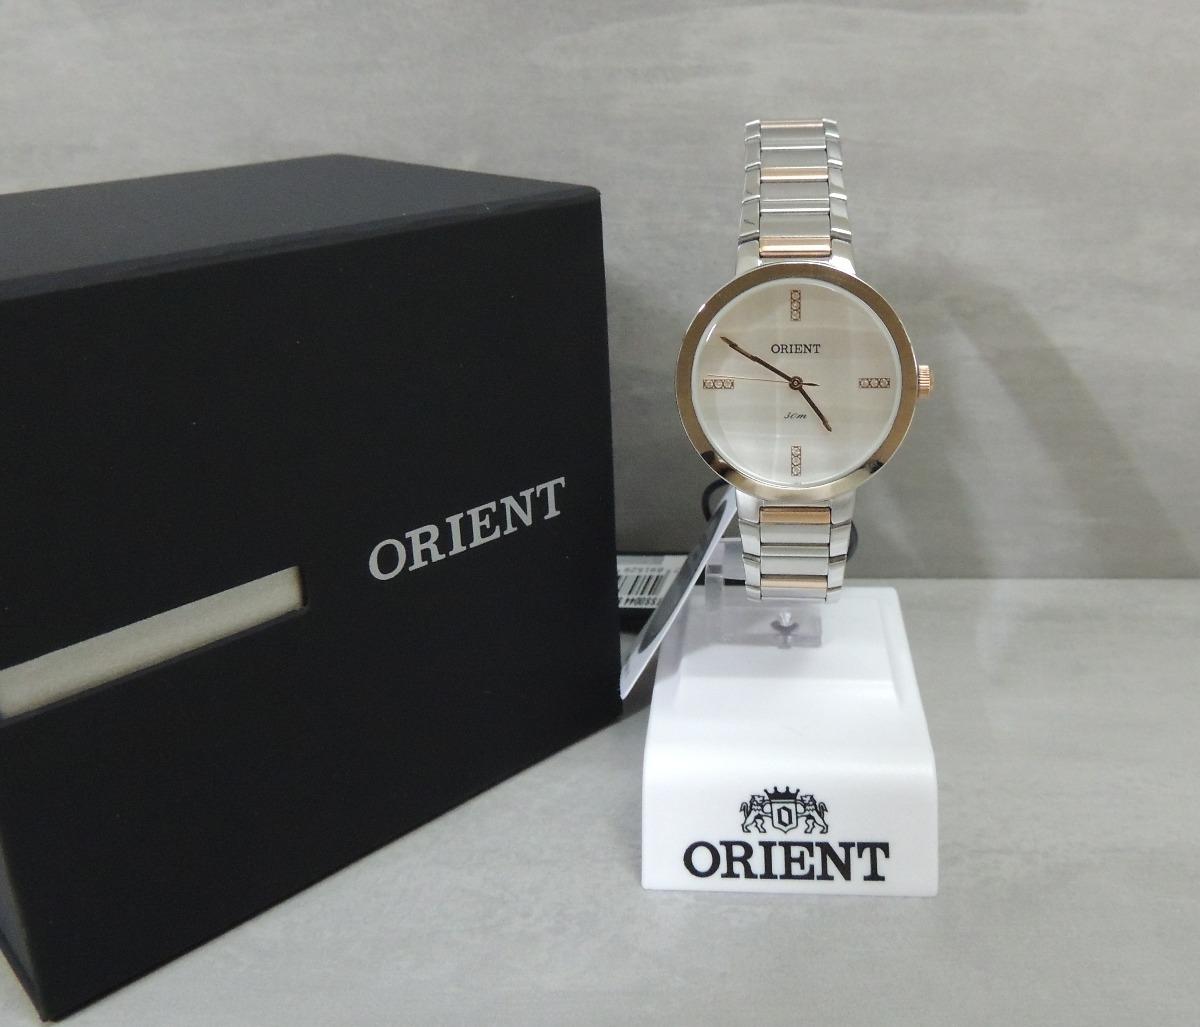 relógio orient ftss0044 s1sr - feminino prata e rose - n f. Carregando zoom. 01ffe68a6b